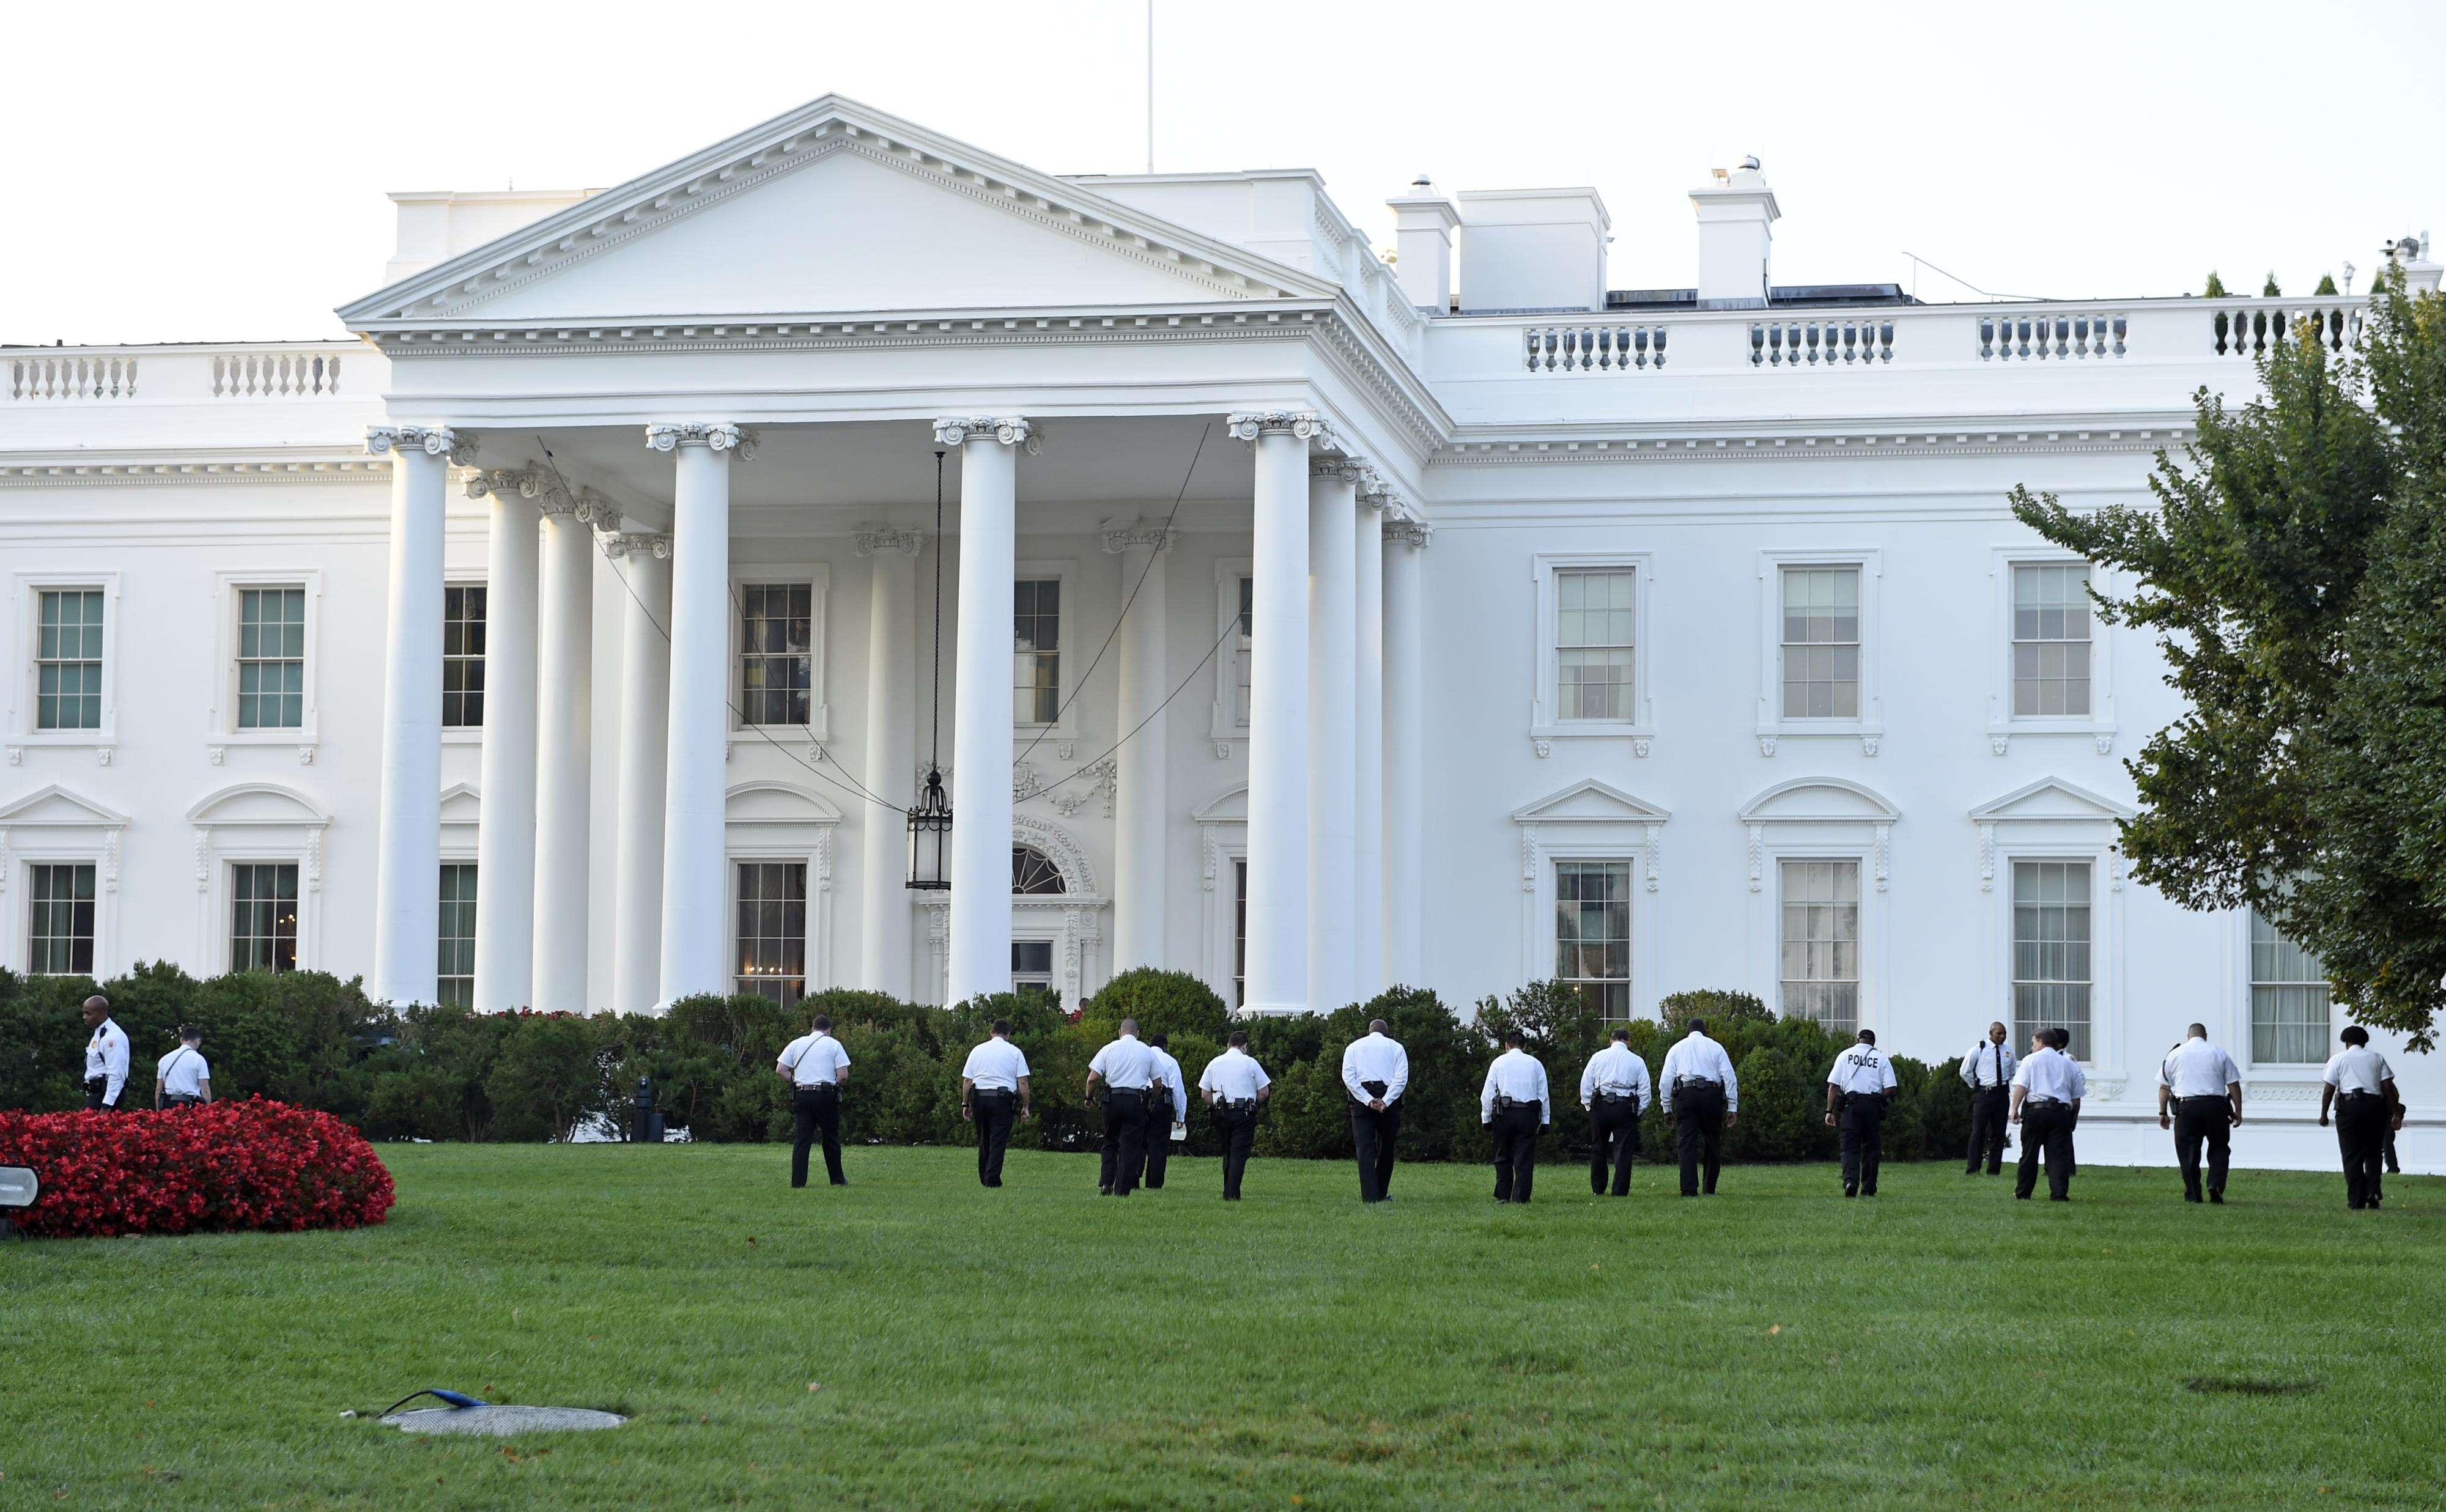 Oficiales del Servicio Secreto caminan en el jardín de la Casa Blanca en Washington, el sábado 20 de septiembre de 2014 Foto: AP en español